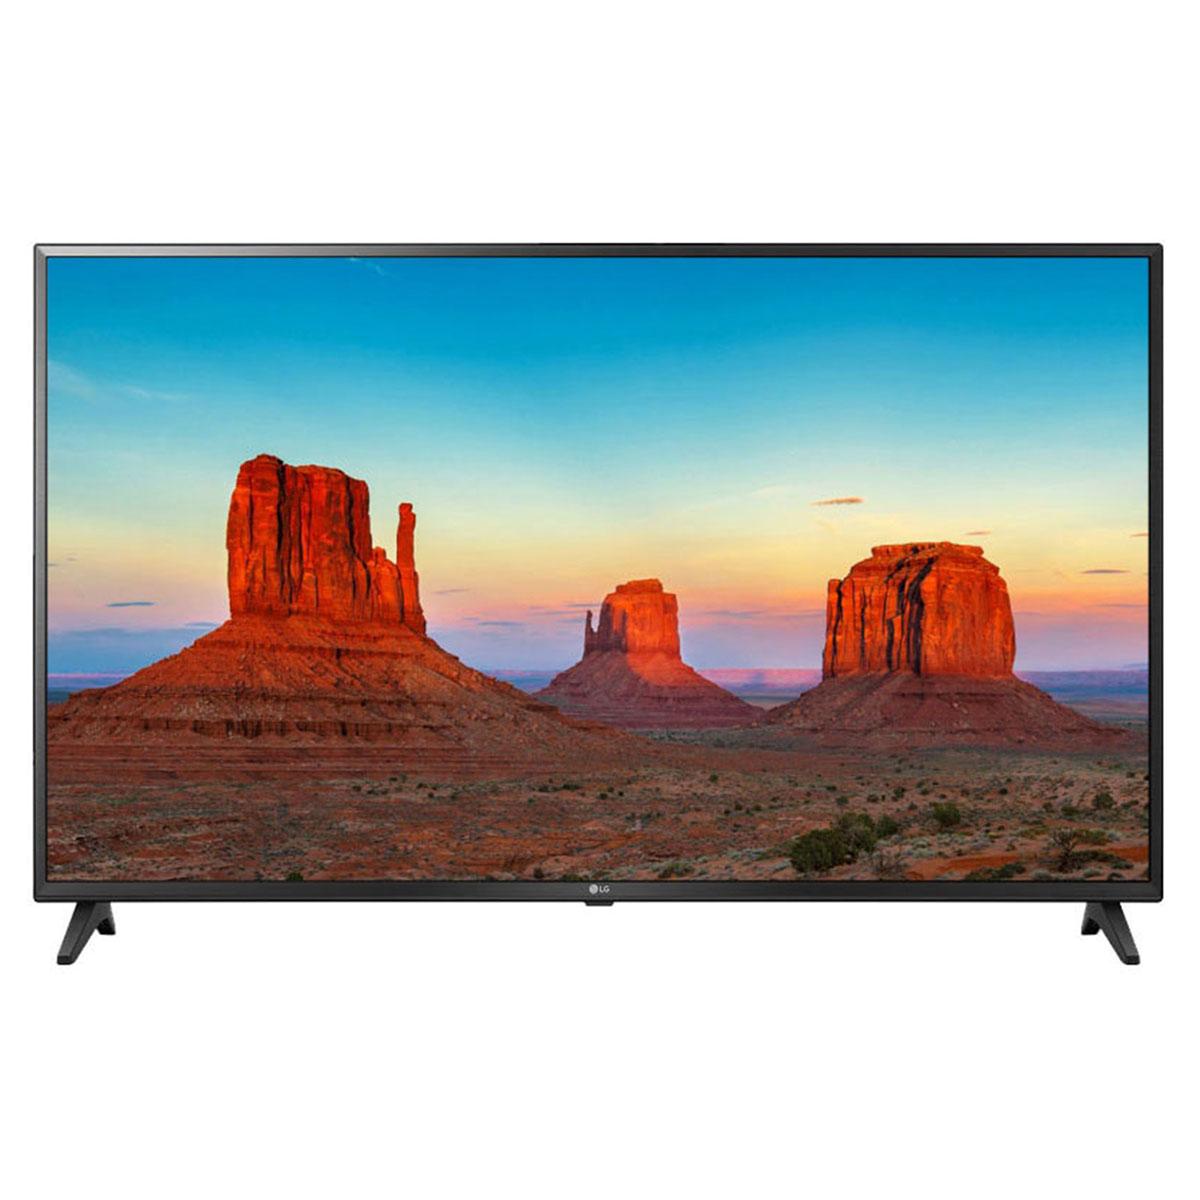 """TV LG 75UK6200 Téléviseur LED 4K 75"""" (190 cm) 16/9 - 3840 x 2160 pixels - Ultra HD 2160p - HDR - Wi-Fi - Bluetooth - Assistant Google - 1500 Hz"""